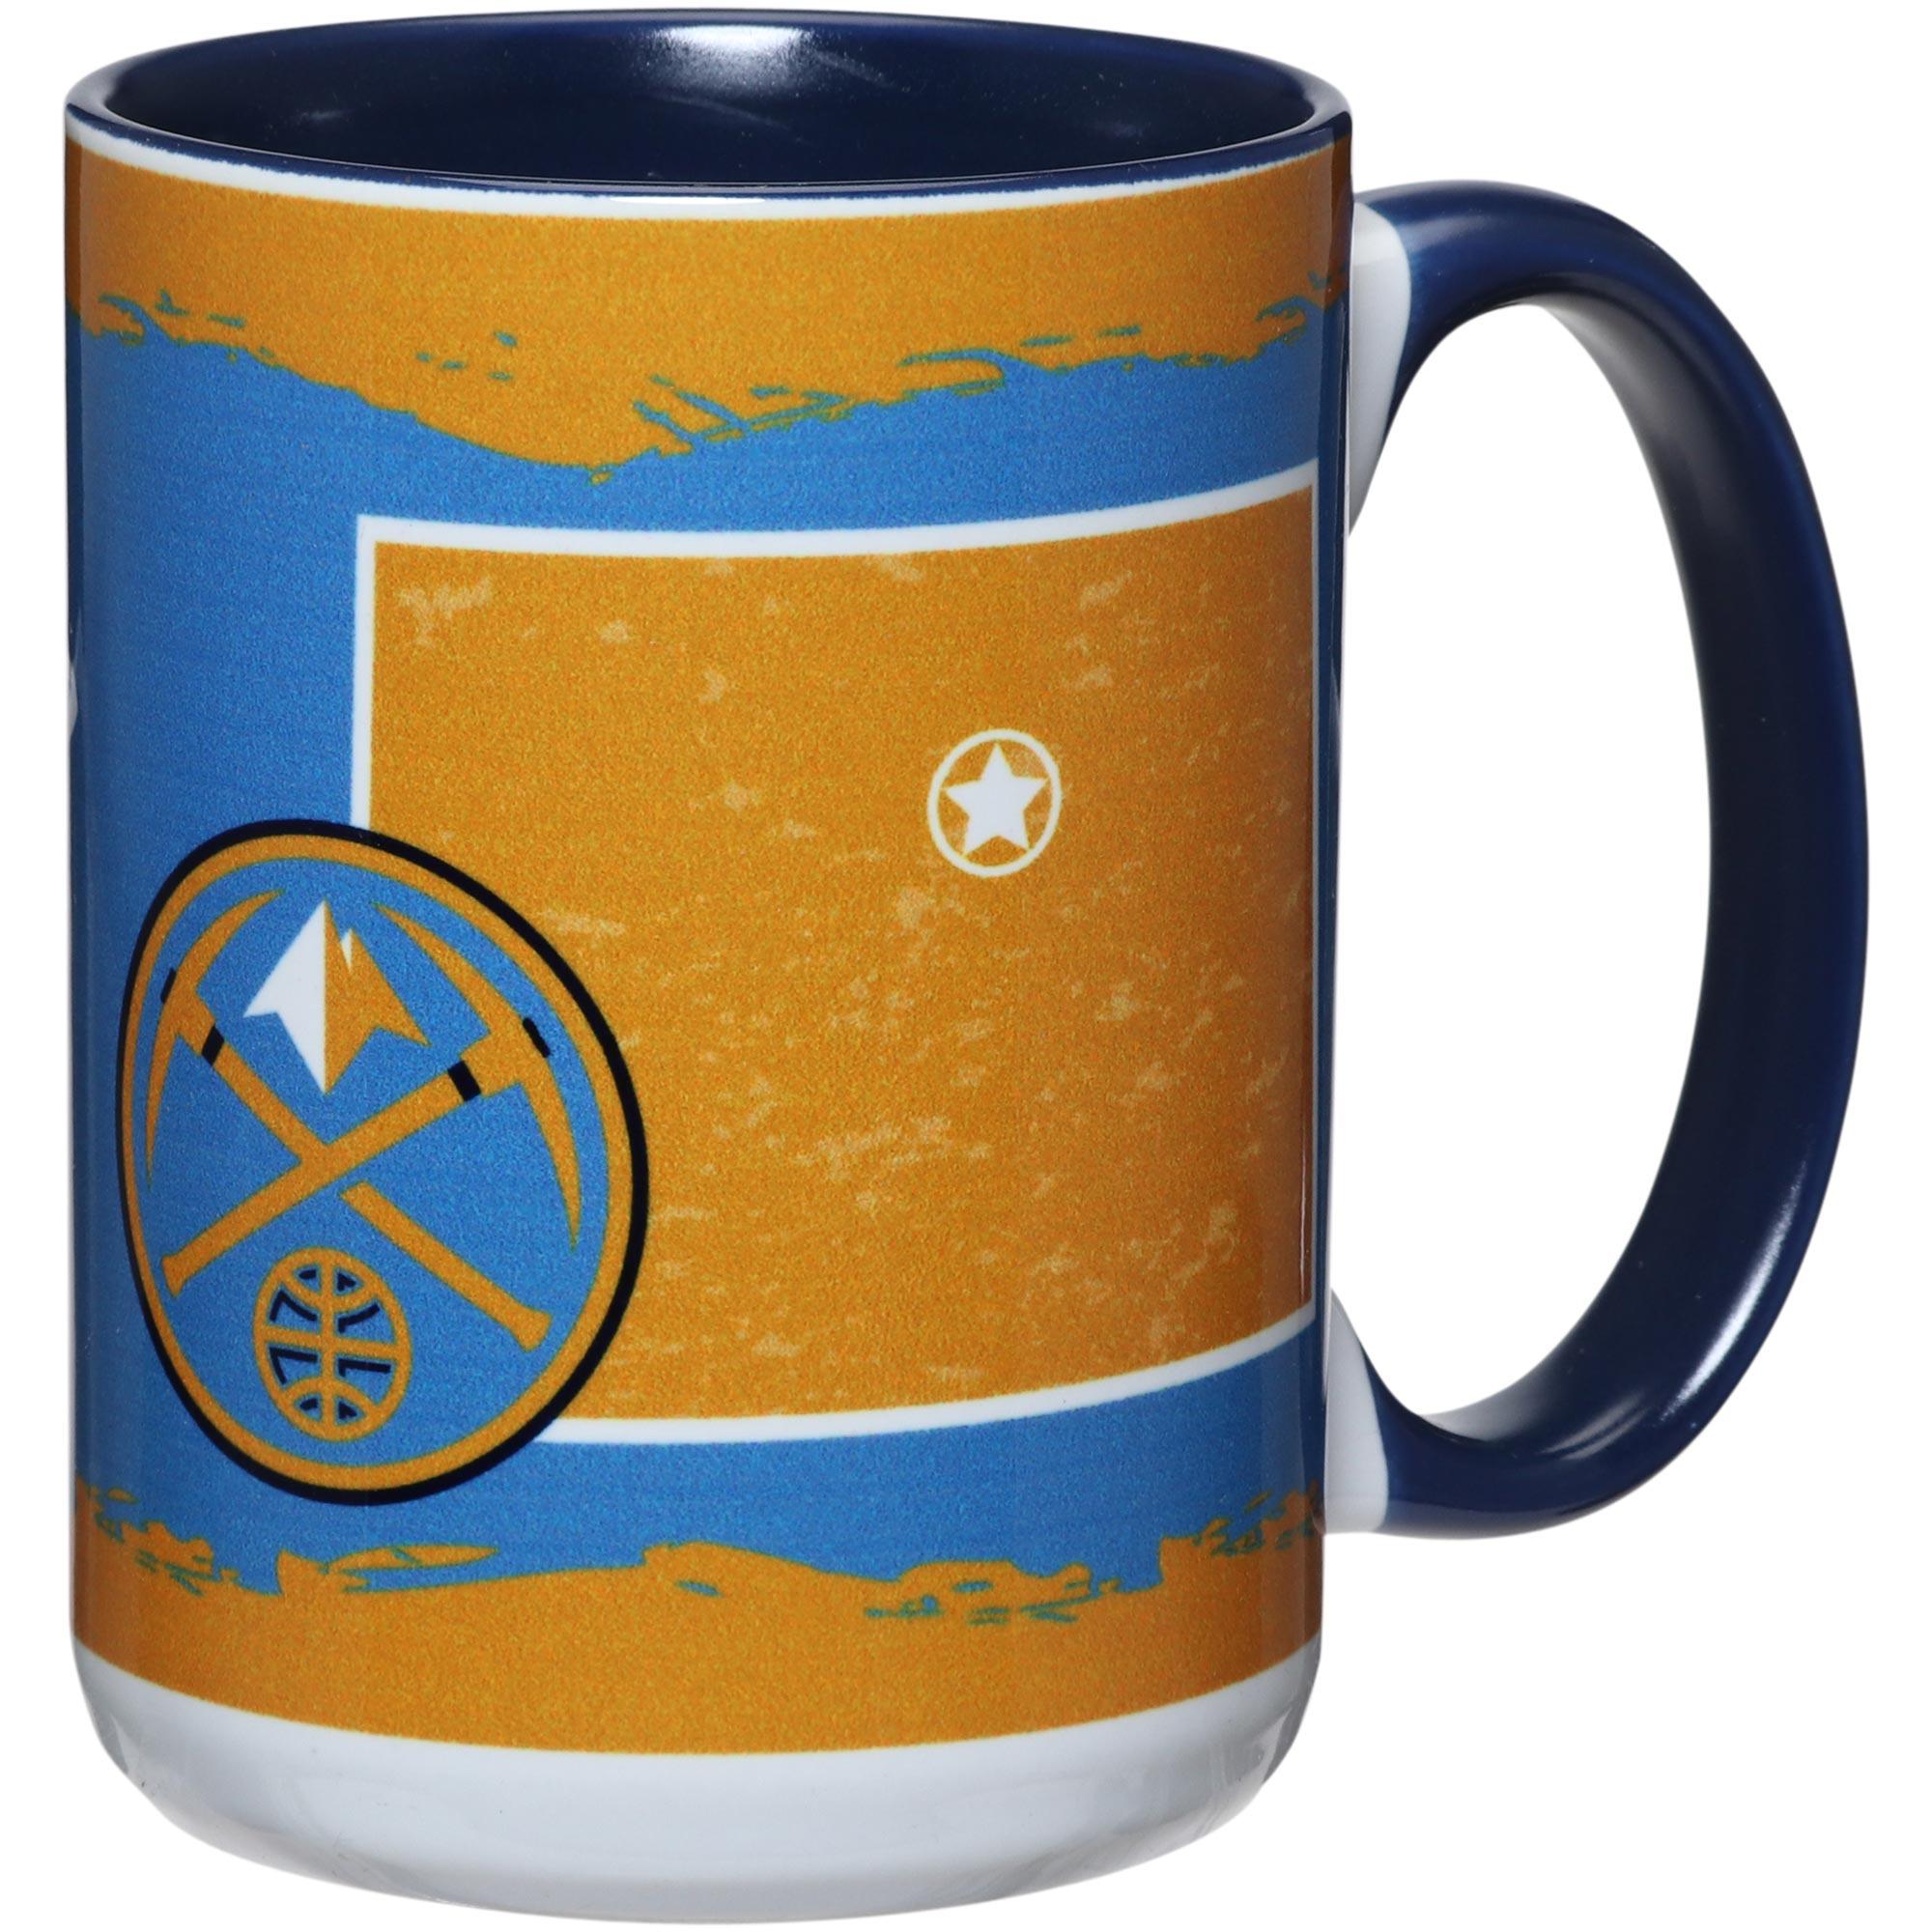 Denver Nuggets 15oz. It's Your State Of Mind Mug - No Size